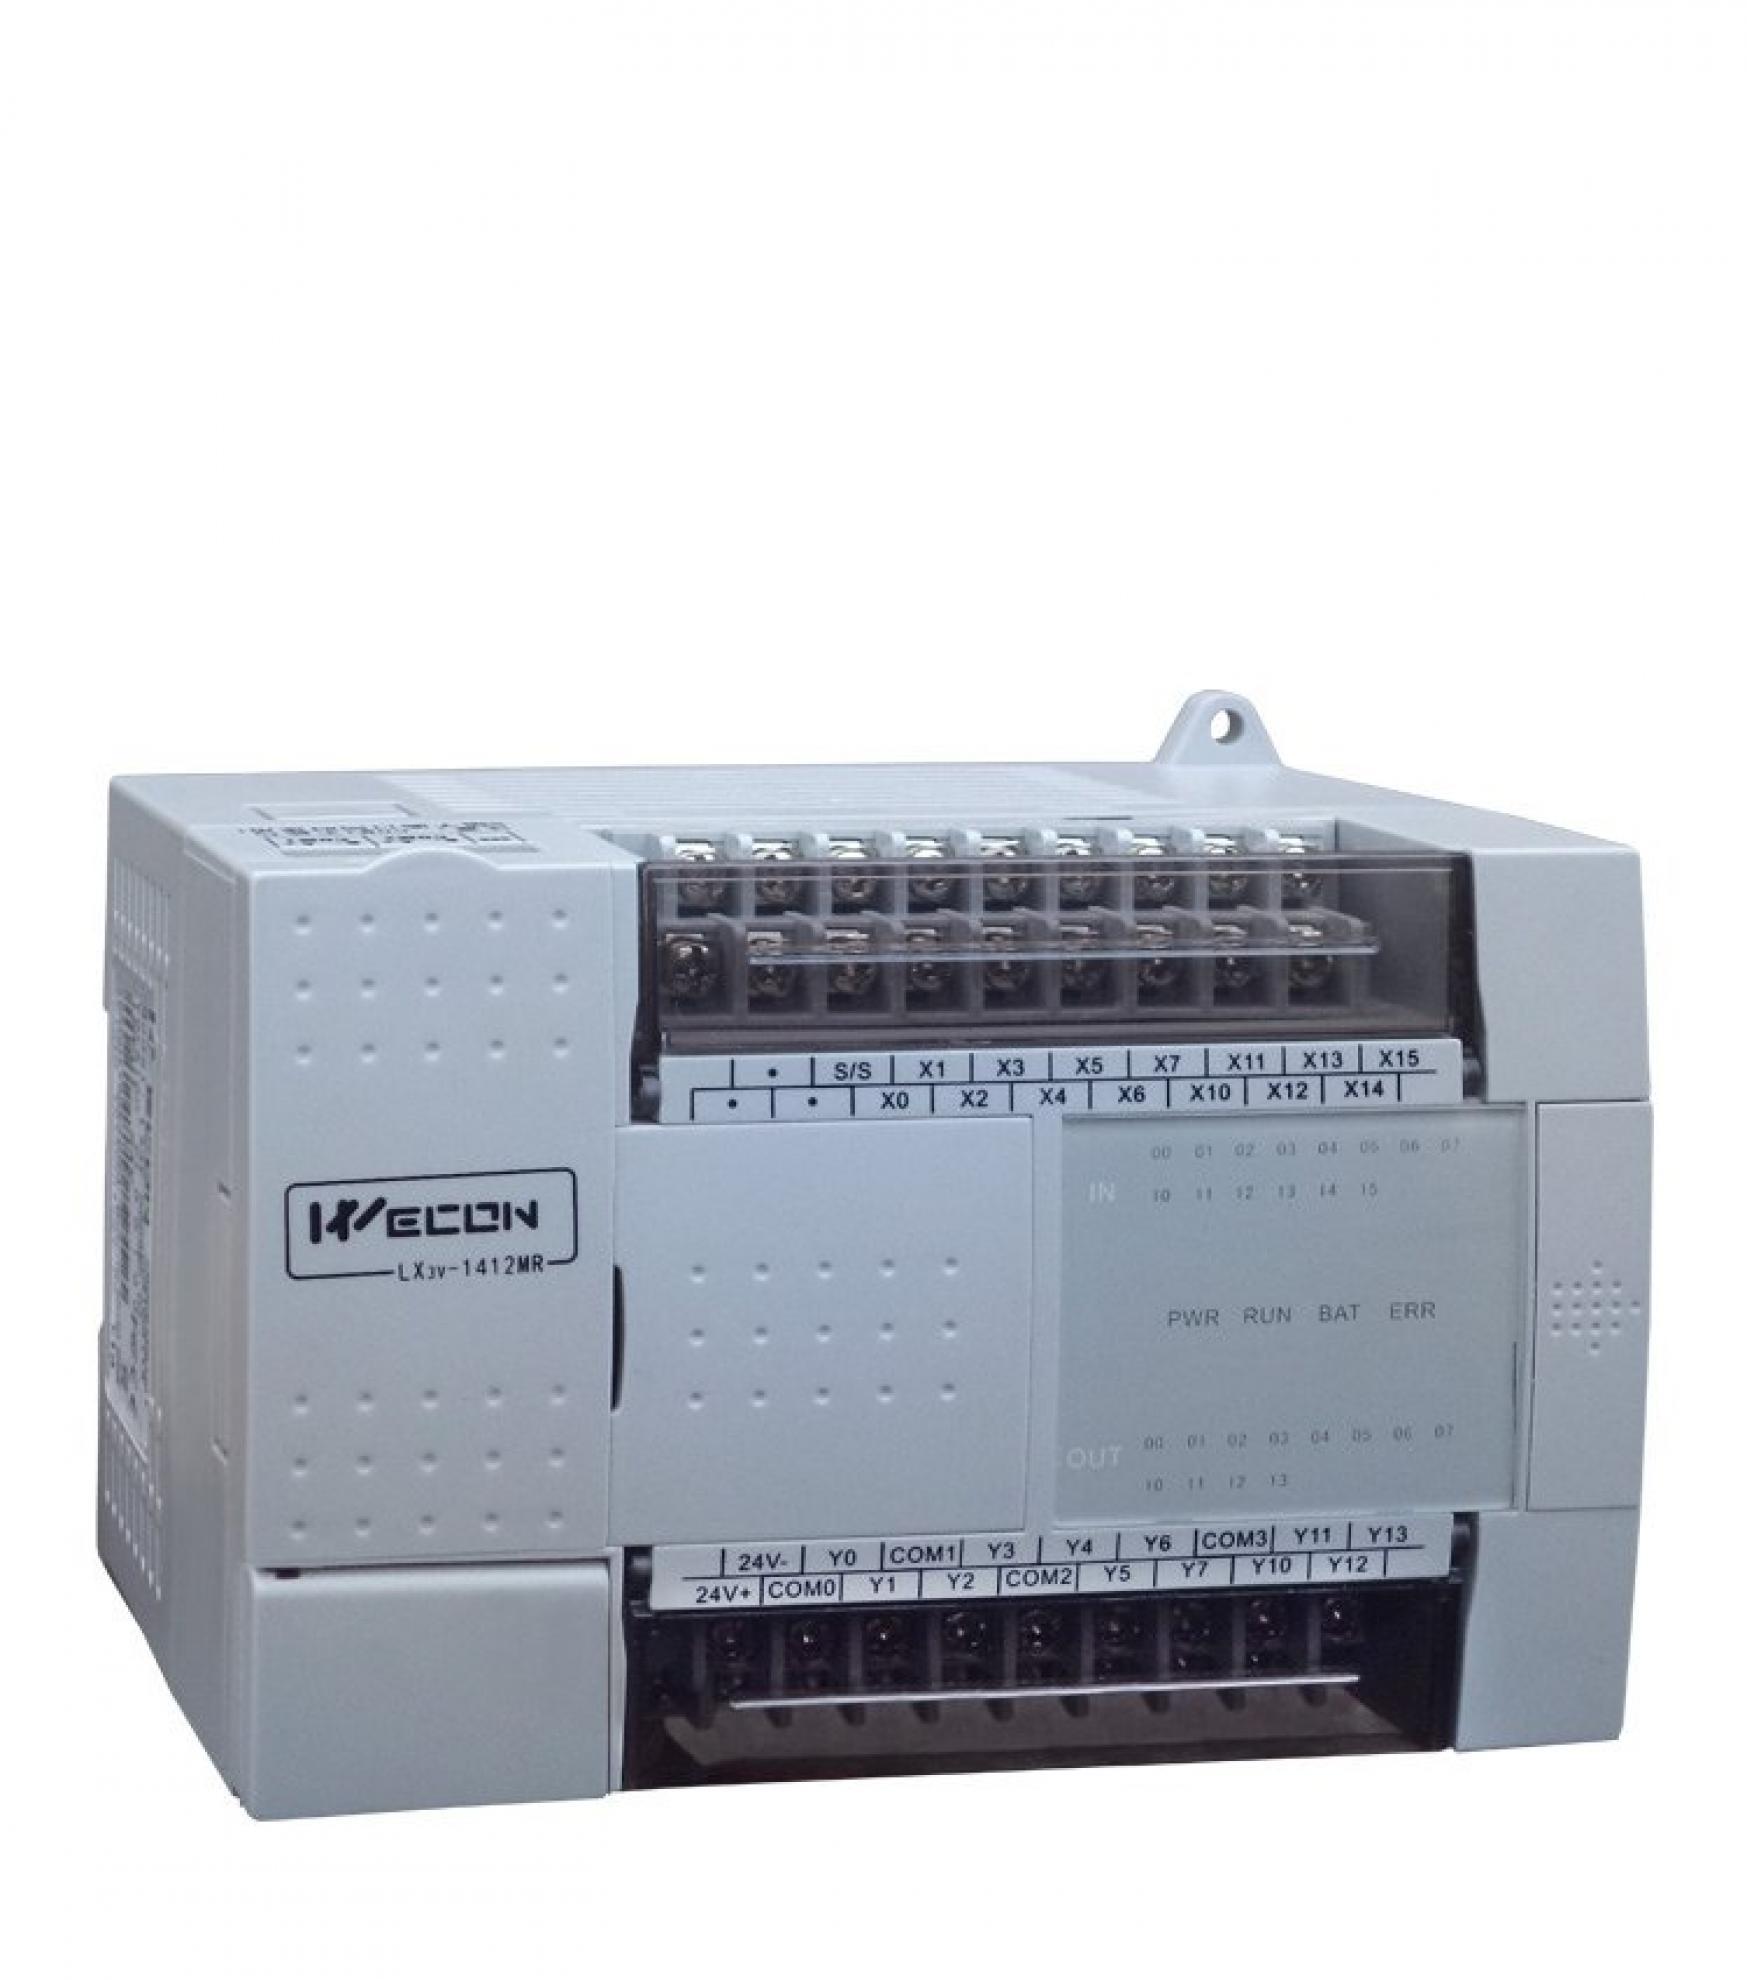 CLP Wecon LX3V 1412 MR-D - 14 Entradas Digitais + 10 Sa�das a rel� - Alimenta��o 24Vcc